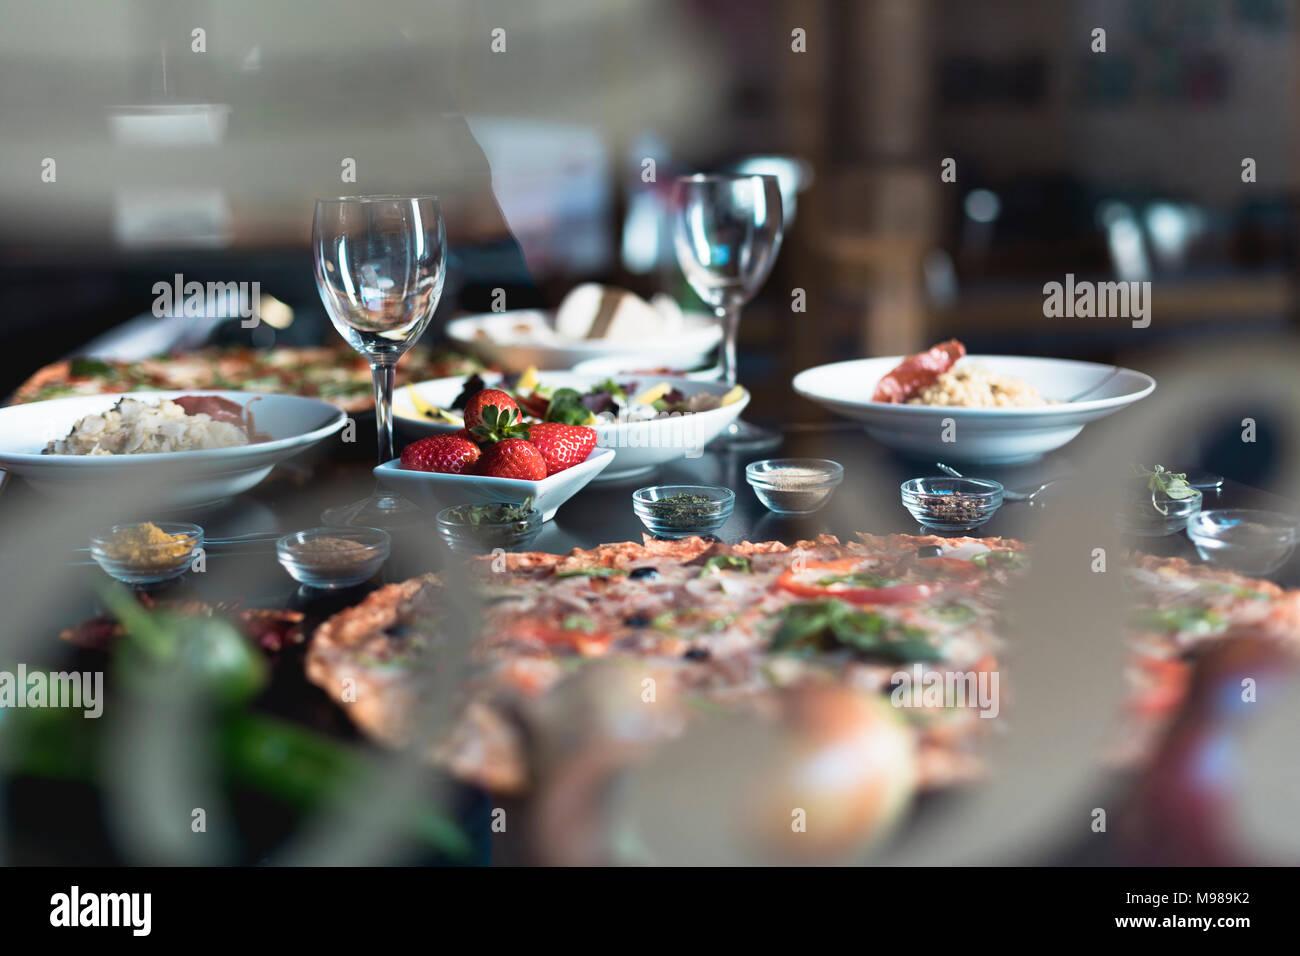 Comida Italiana, pizza, ensaladas y bocadillos Imagen De Stock